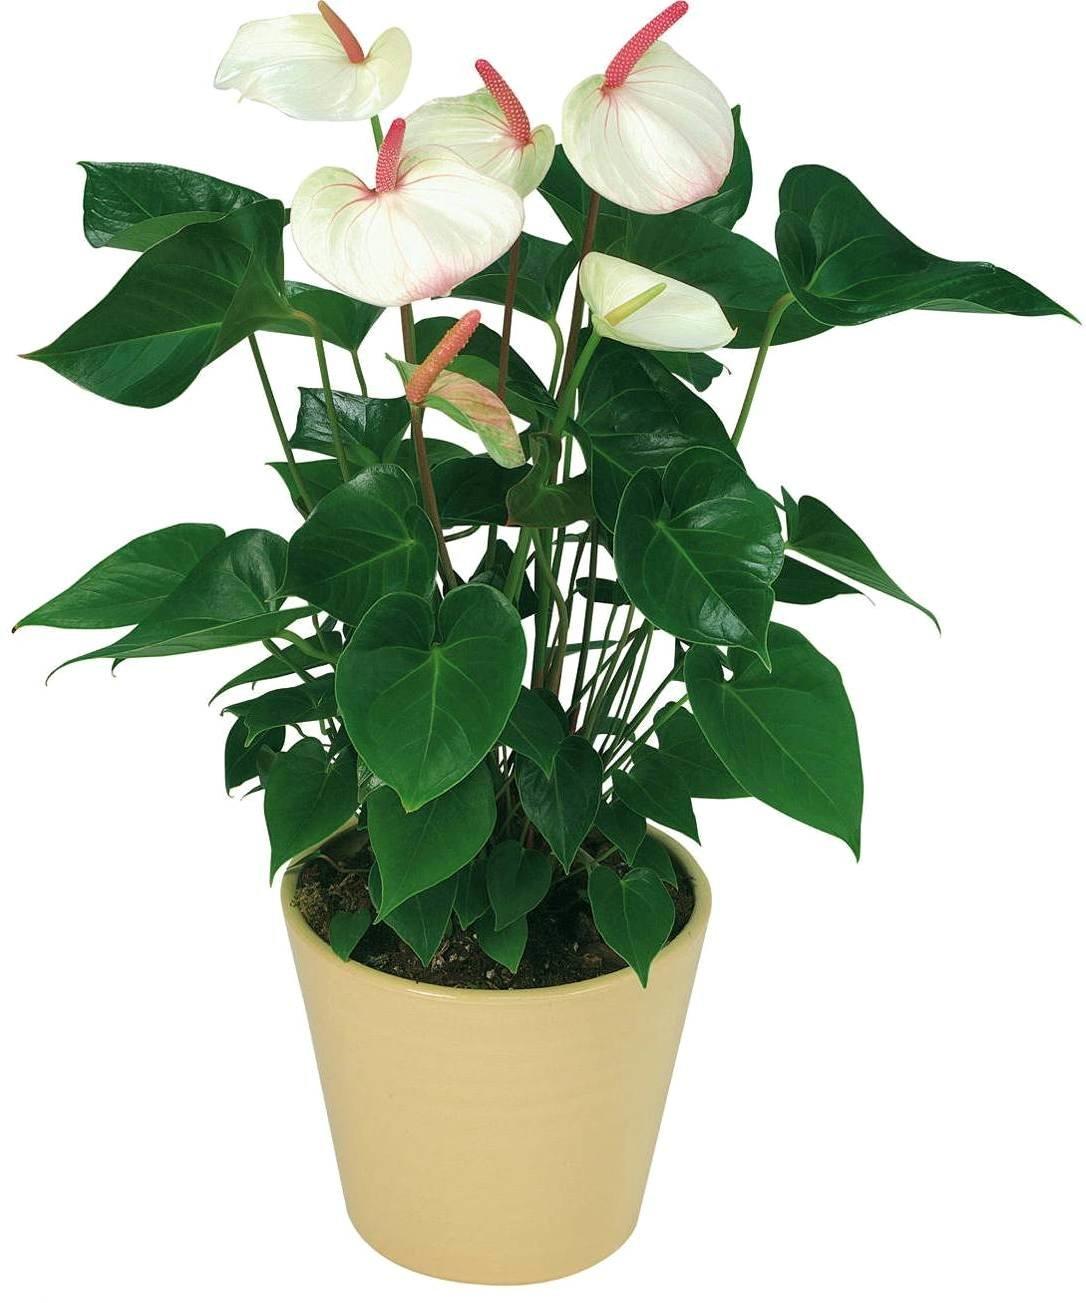 комнатными растениями с картинками телефон, особой